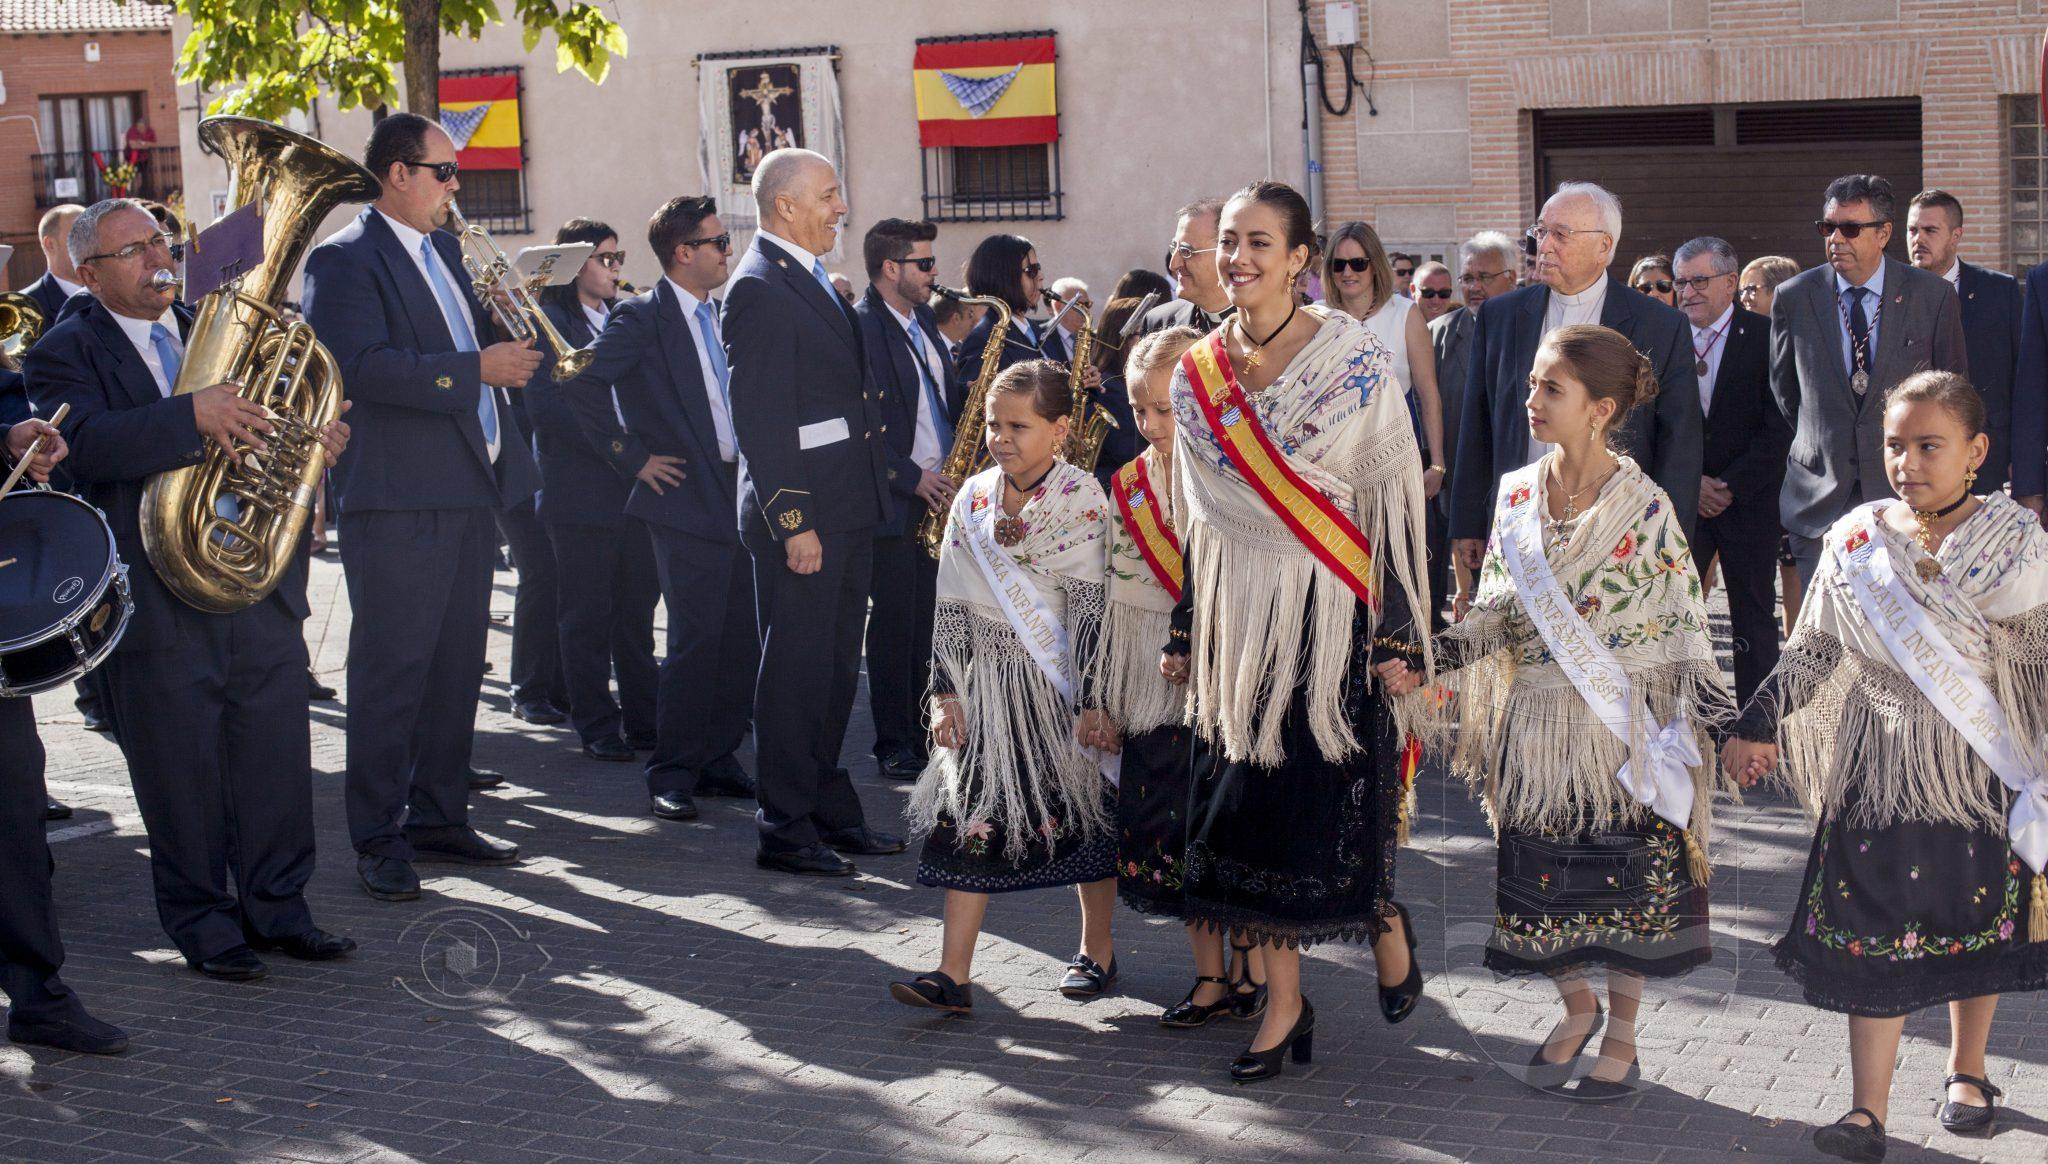 Autoridades asistentes a los actos del próximo domingo 14 de septiembre, con motivo de las fiestas en honor al Stmo. Cristo de la Sala